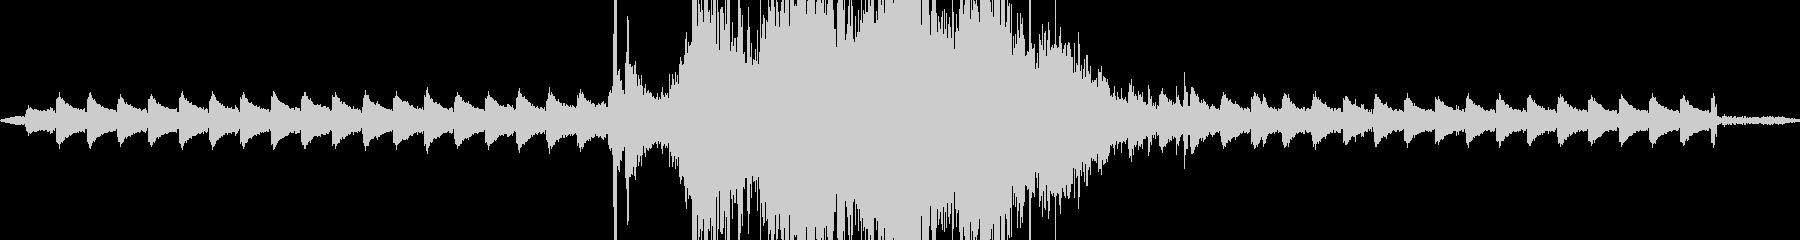 カナカンカン ガタンガタン 踏切待ちの音の未再生の波形